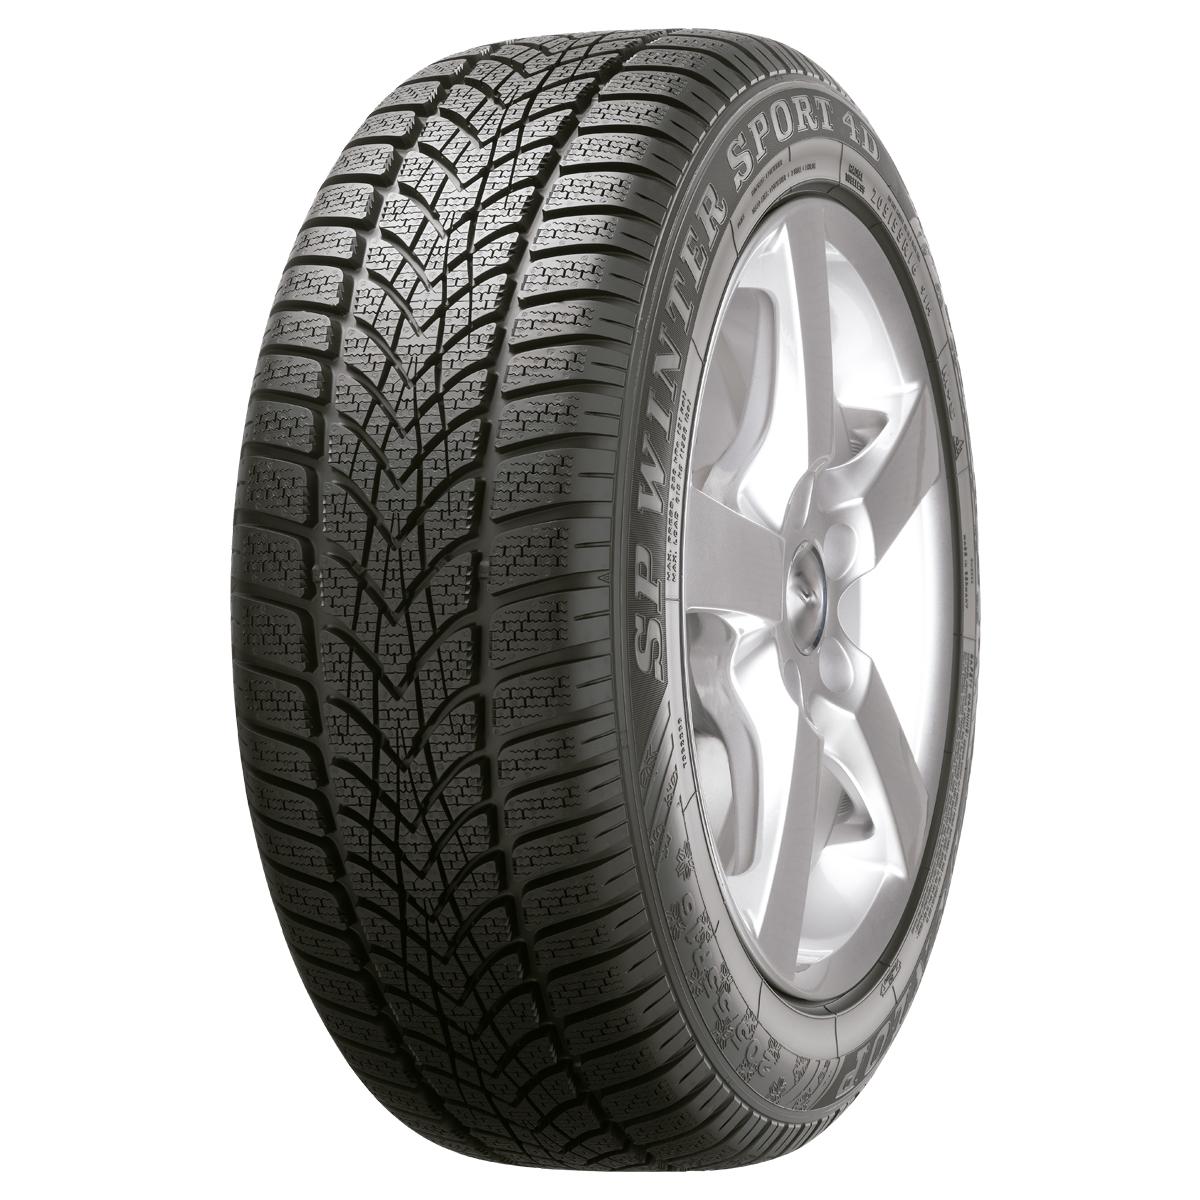 Dunlop SP Winter Sport М3 tubeless 235/45R17